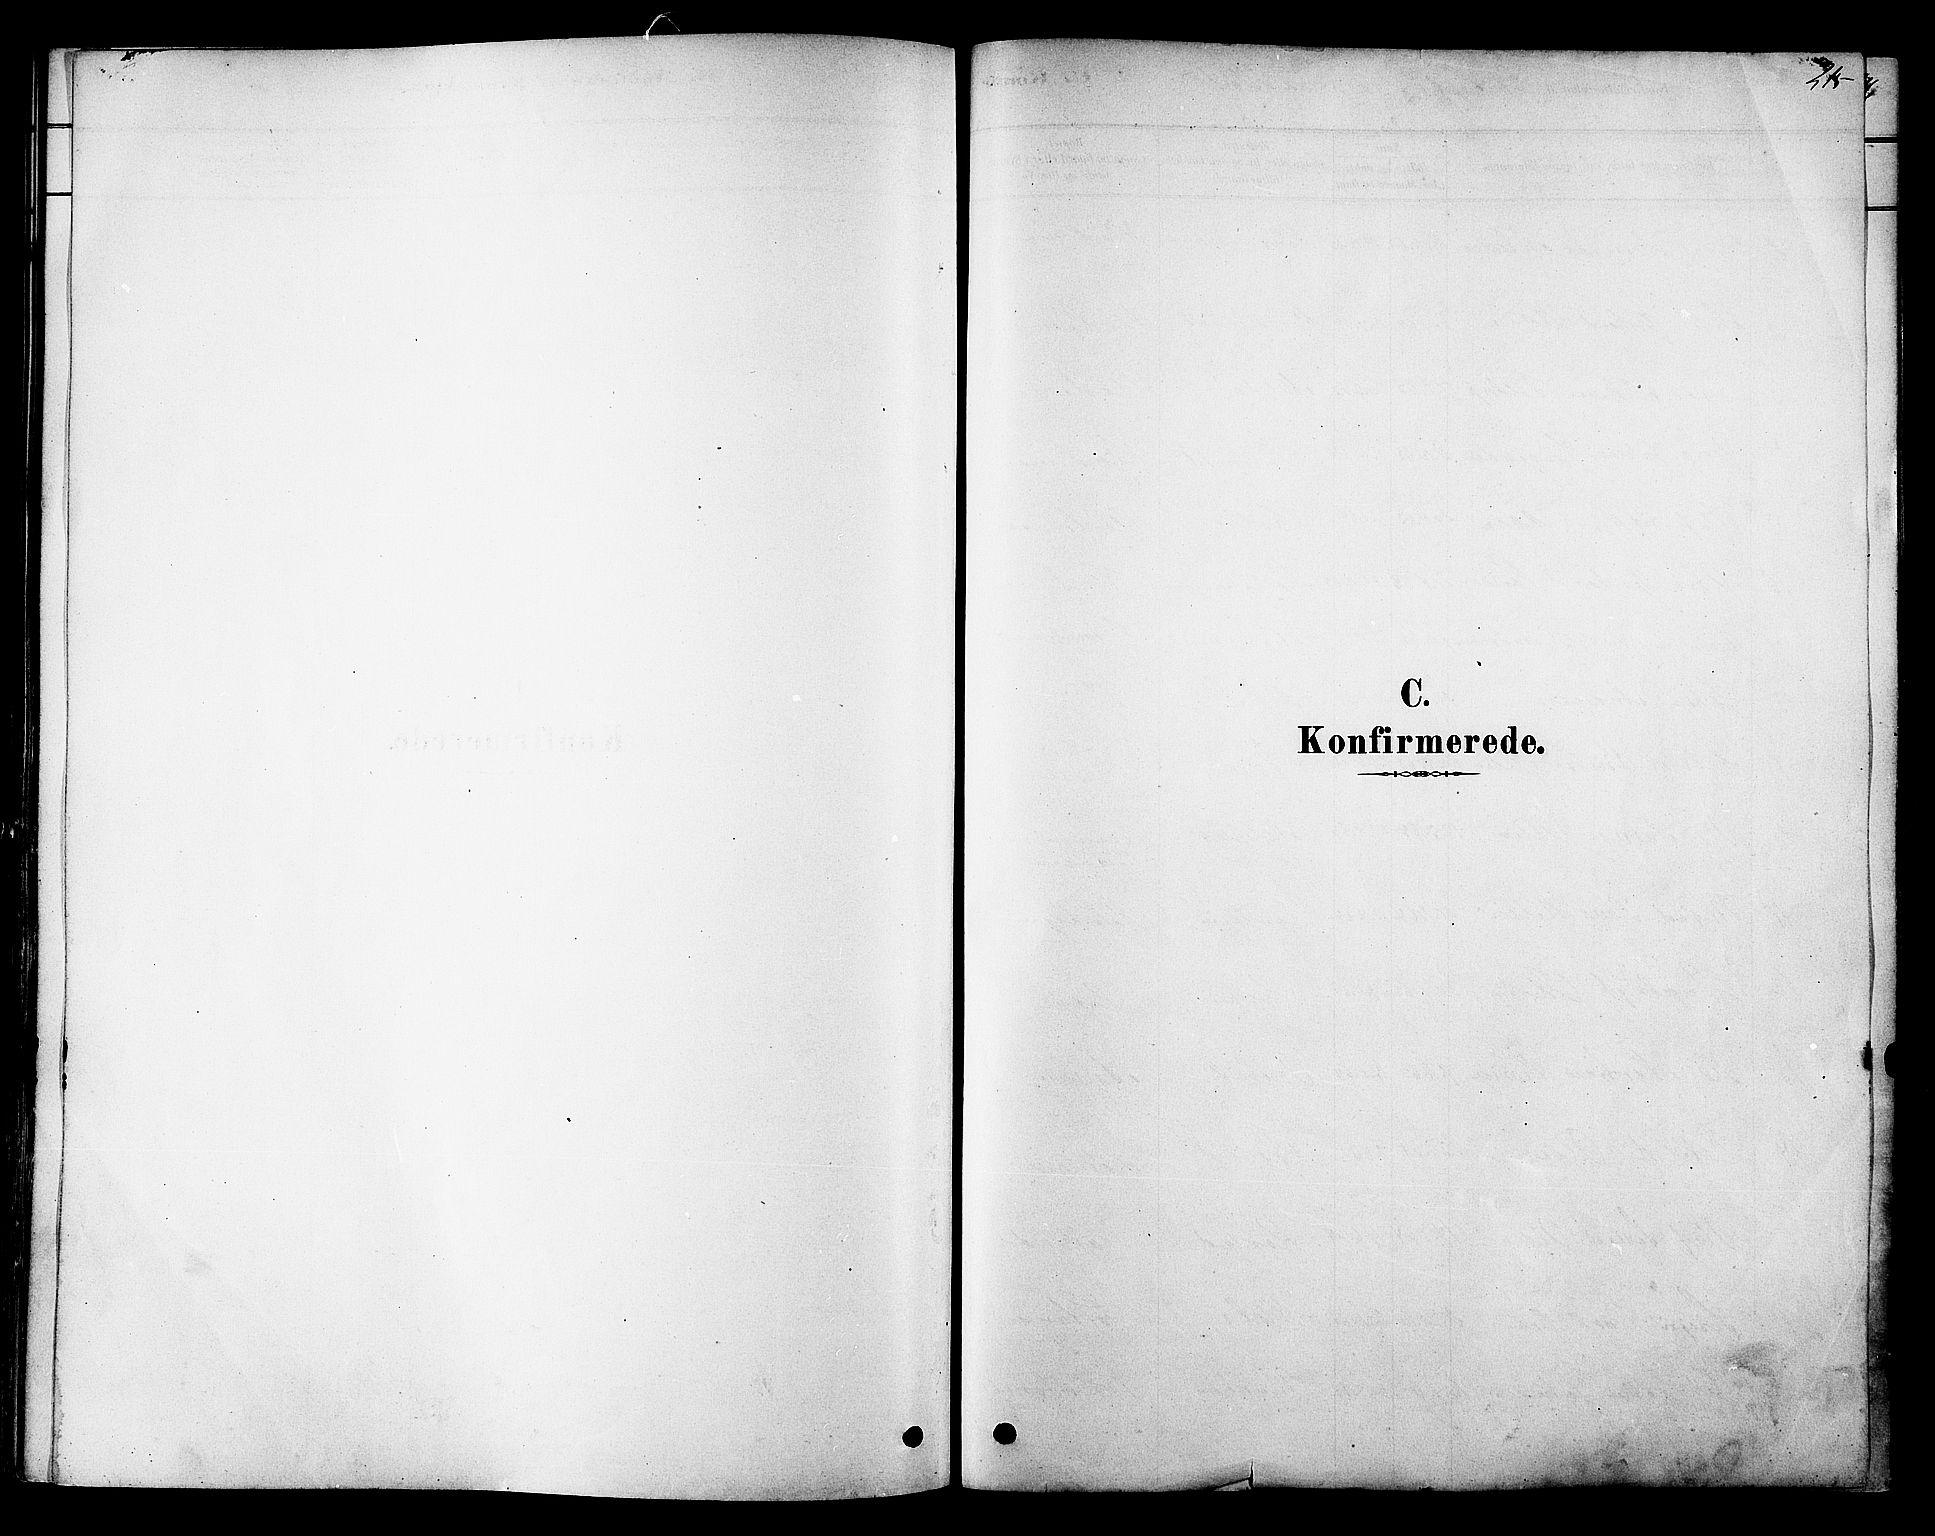 SAT, Ministerialprotokoller, klokkerbøker og fødselsregistre - Sør-Trøndelag, 606/L0294: Ministerialbok nr. 606A09, 1878-1886, s. 215